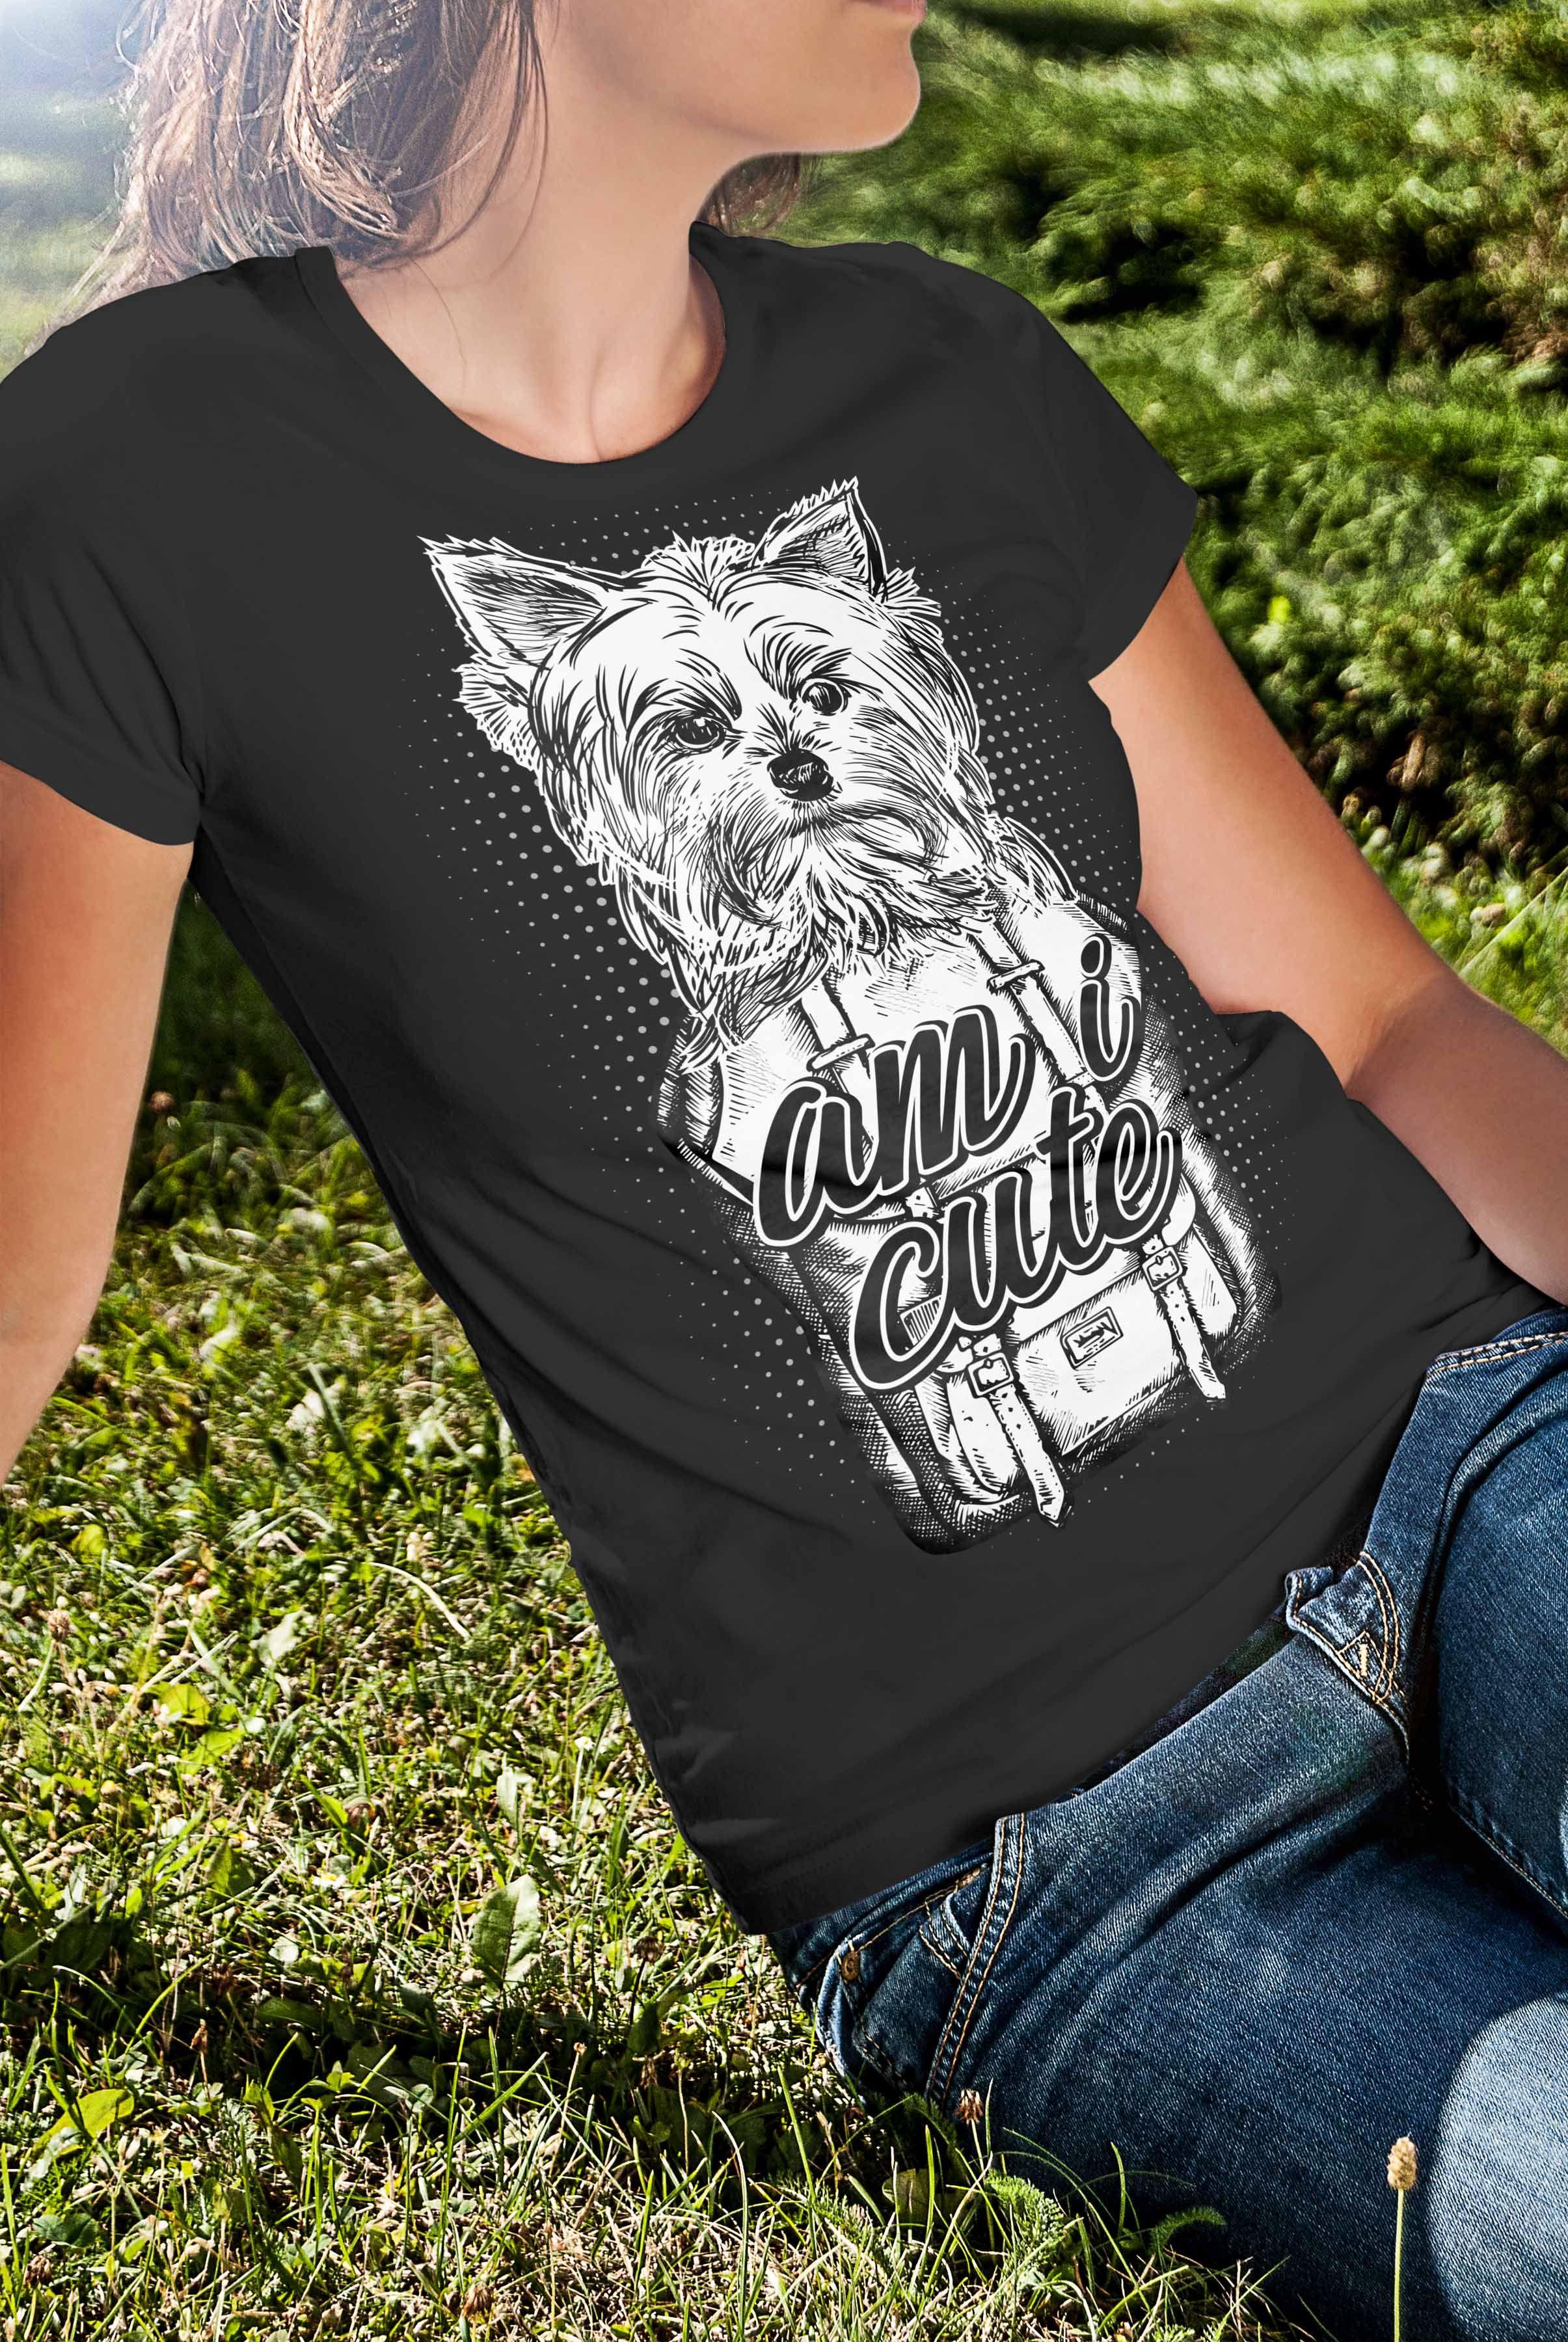 8f05c345673f dog t-shirts, dog shirts, dog shirt, funny dog shirts, dog mom shirts, dog  lover t-shirts, dog lover shirts, puppy love shirts, puppies love shirts,  ...